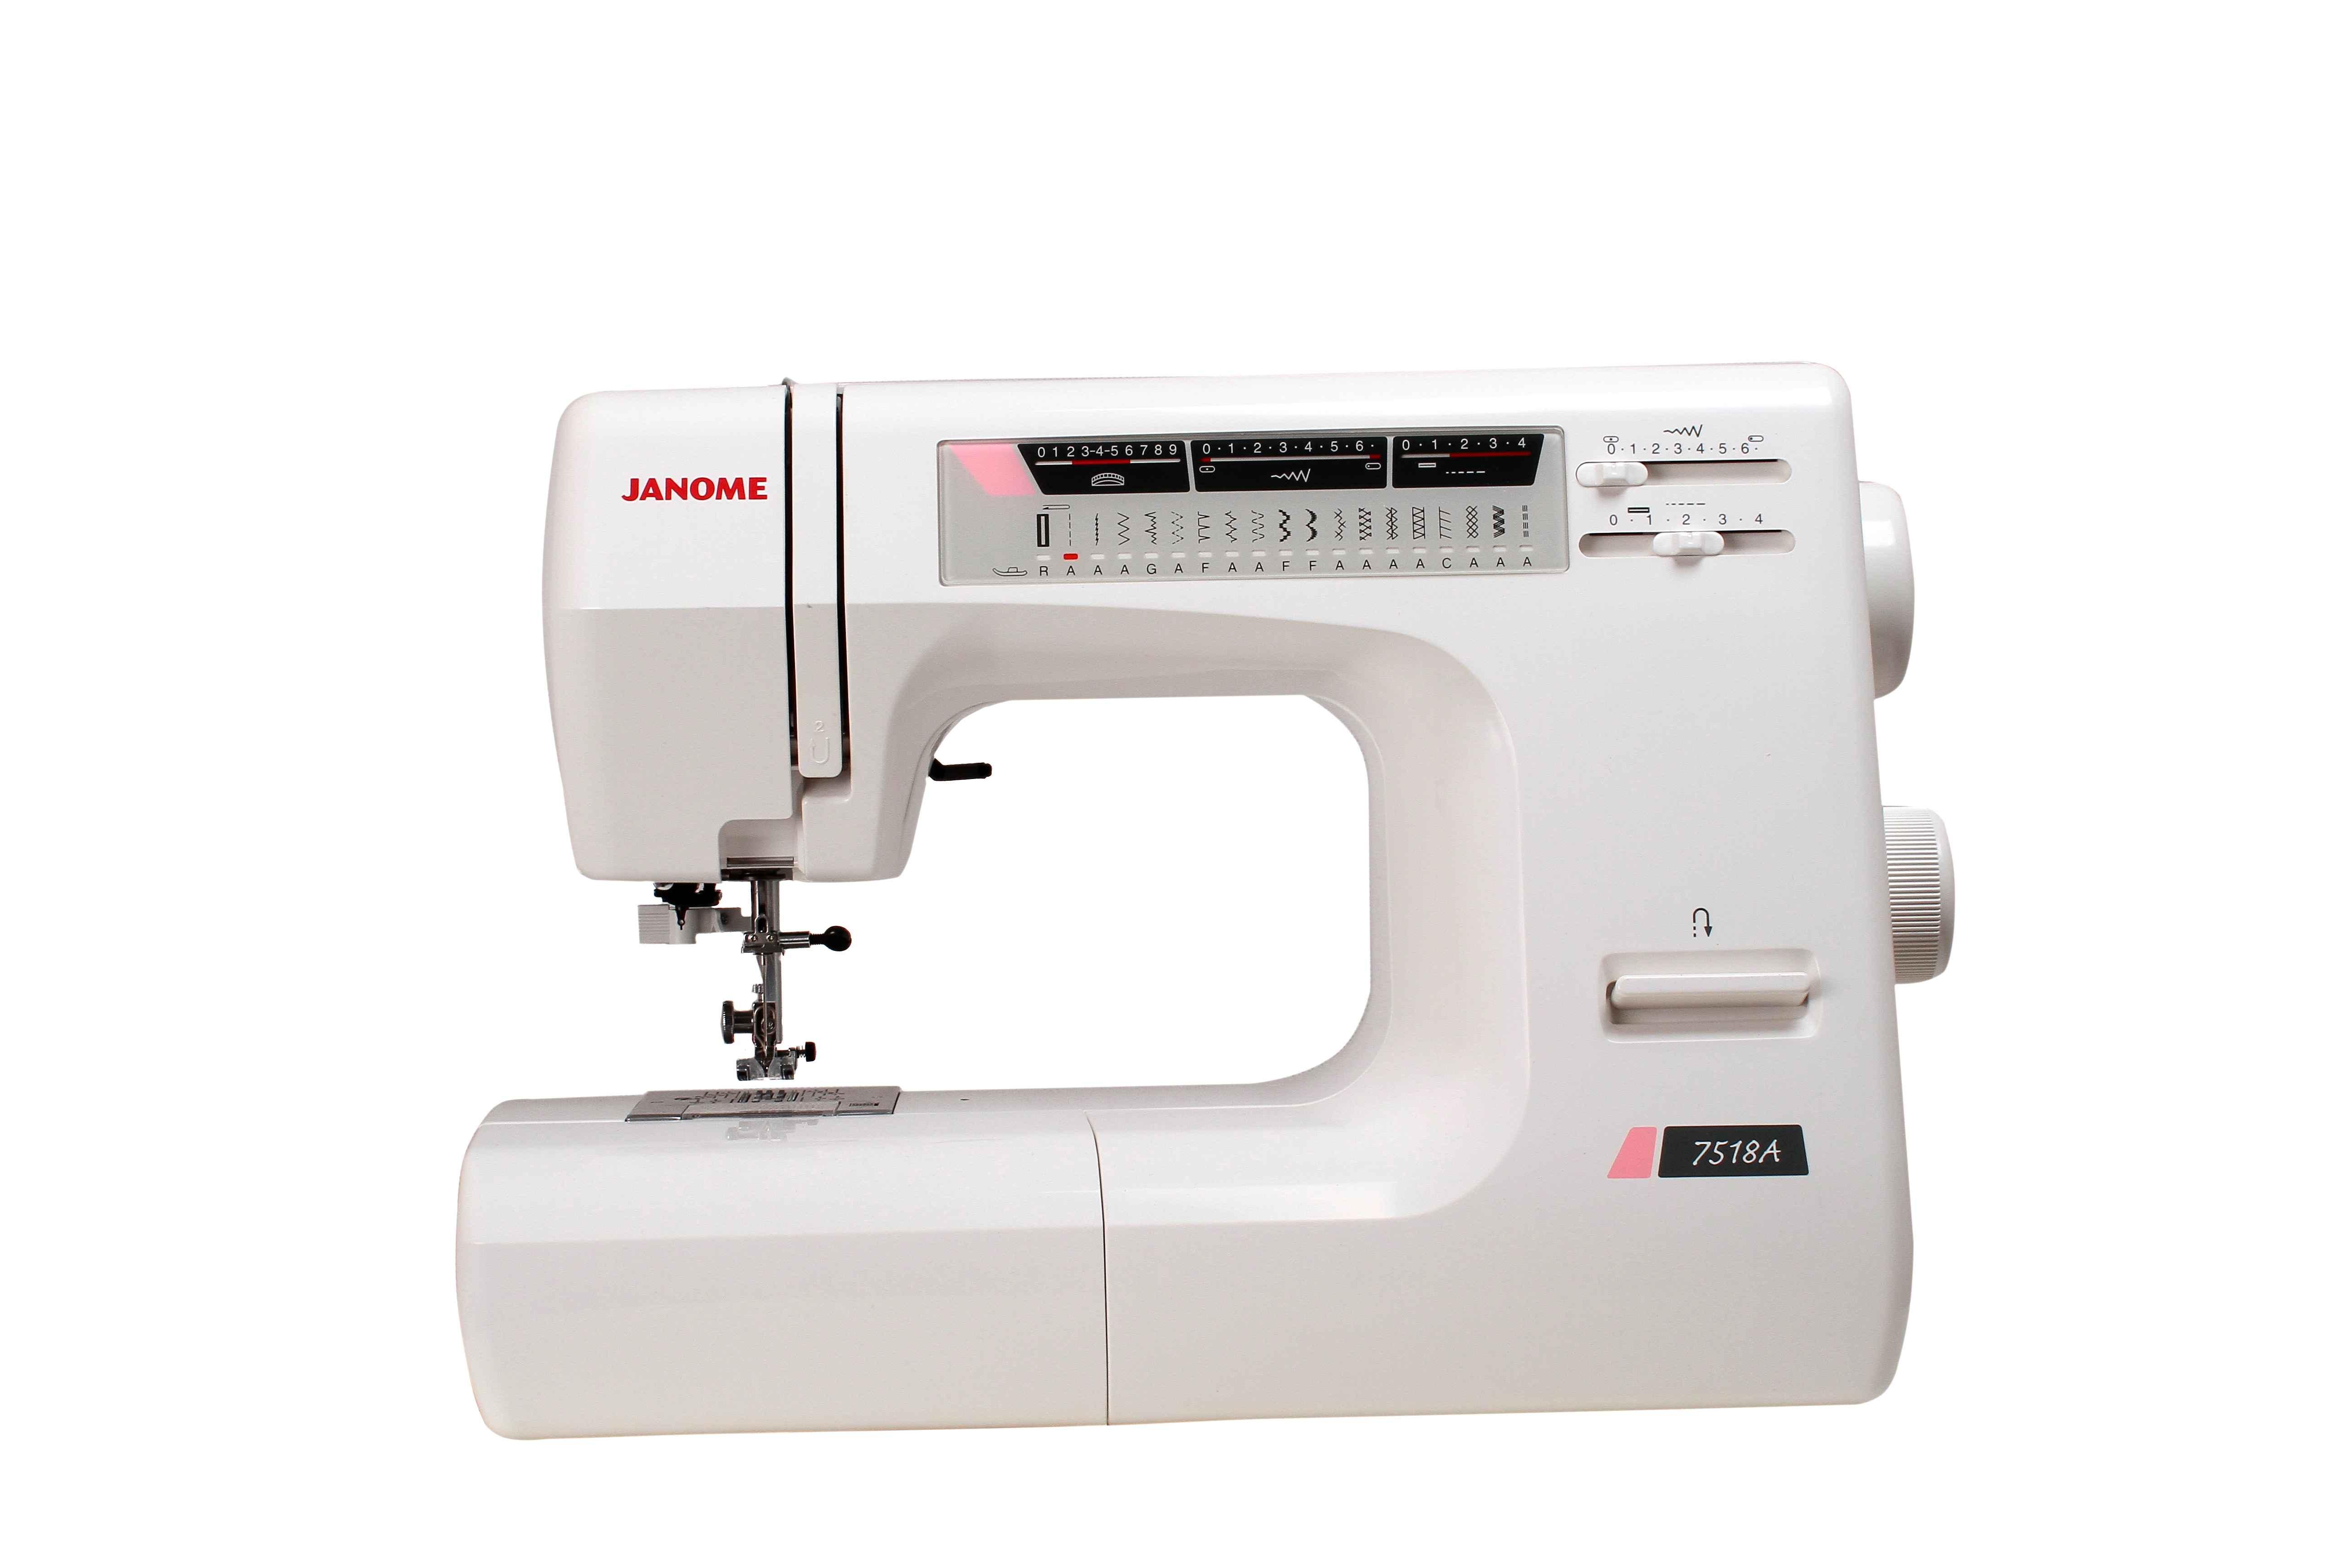 купить Швейная машина Janome 7518A (жесткий чехол) по цене 12691 рублей